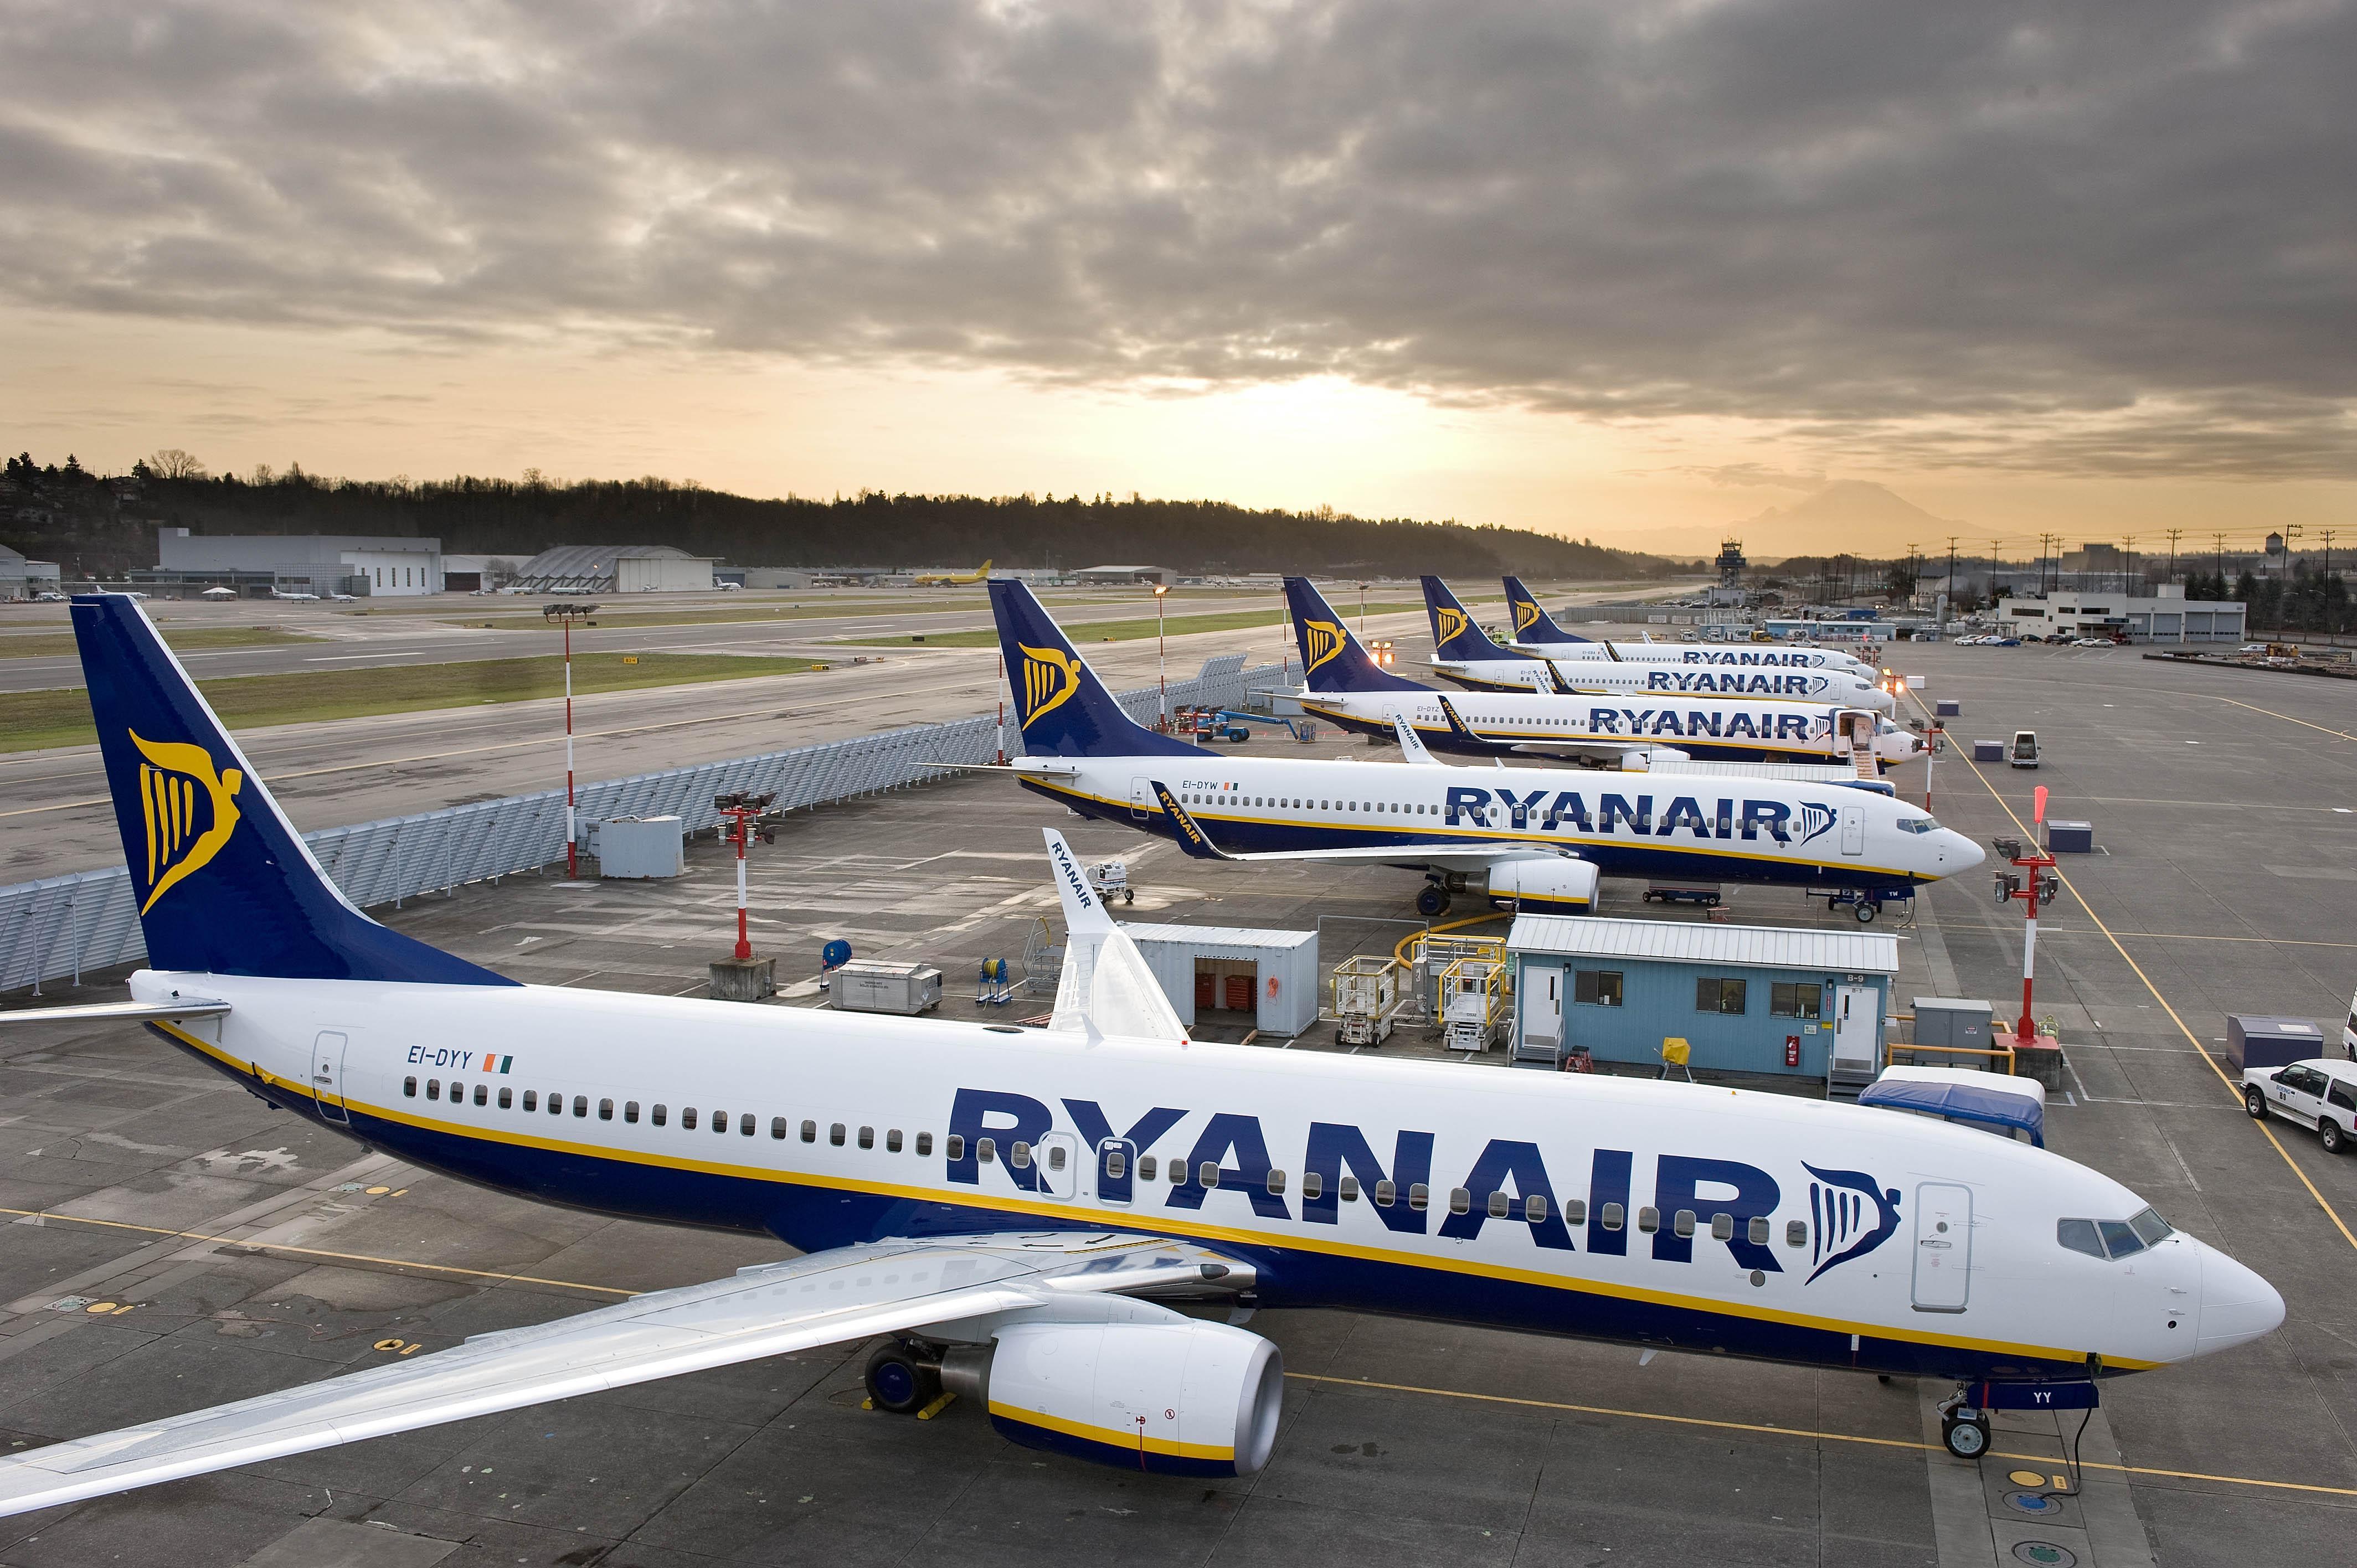 Aeromobili Ryanair aeroporto